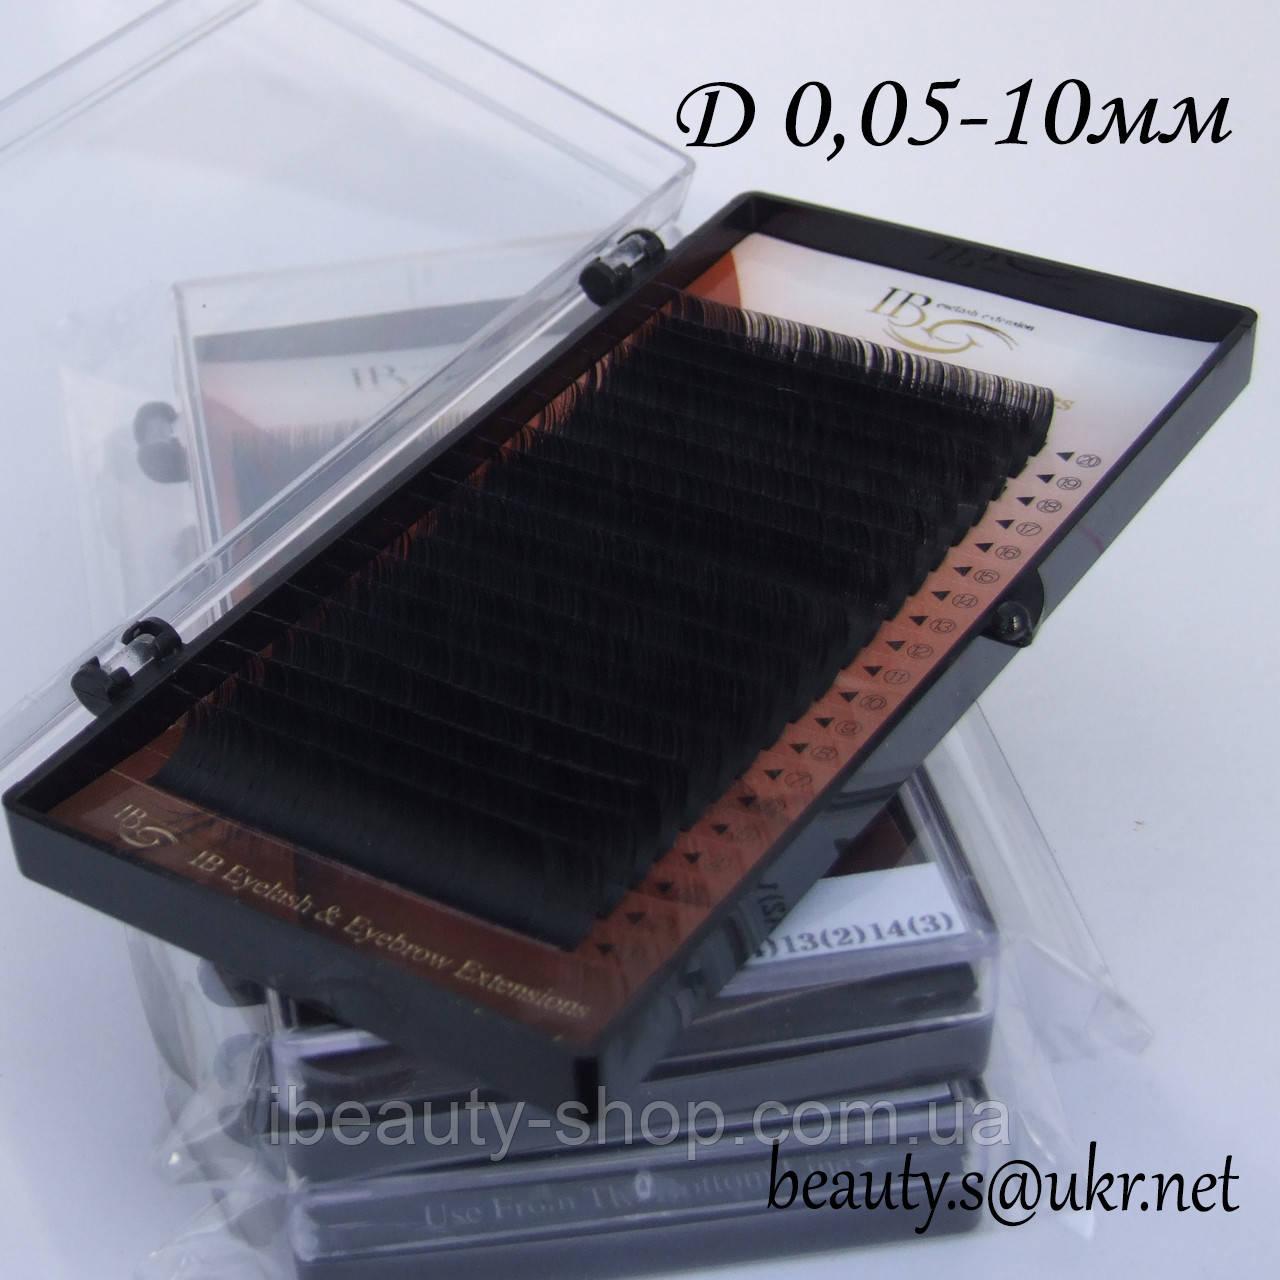 Ресницы  I-Beauty на ленте D-0,05 10мм